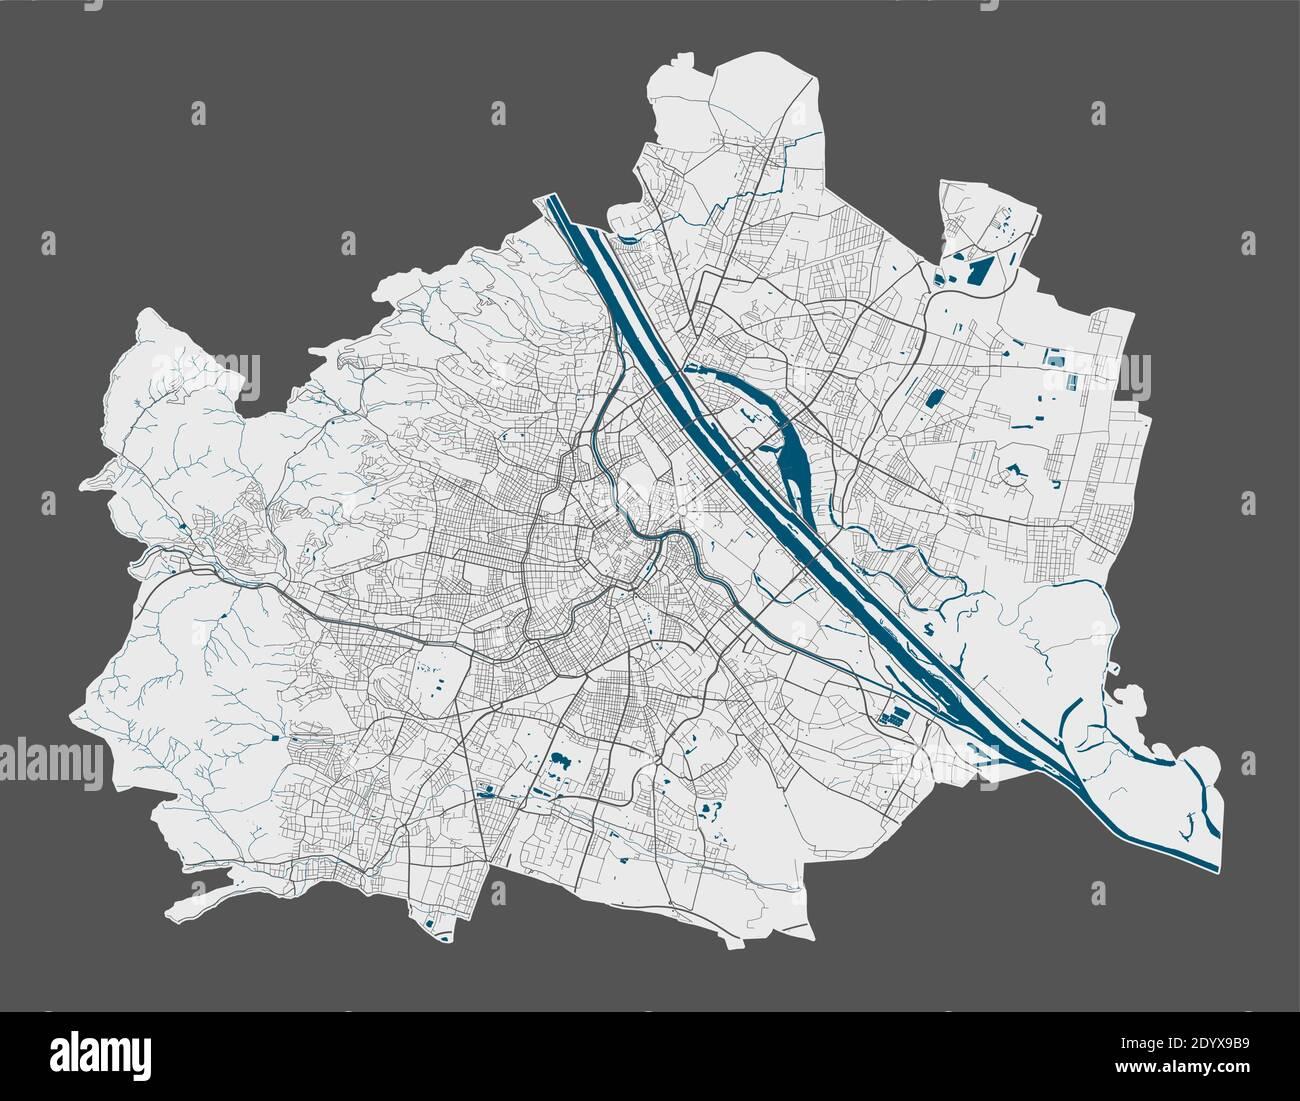 Plan de Vienne. Carte vectorielle détaillée de la zone administrative de la ville de Vienne. Affiche avec rues et eau sur fond gris. Illustration de Vecteur